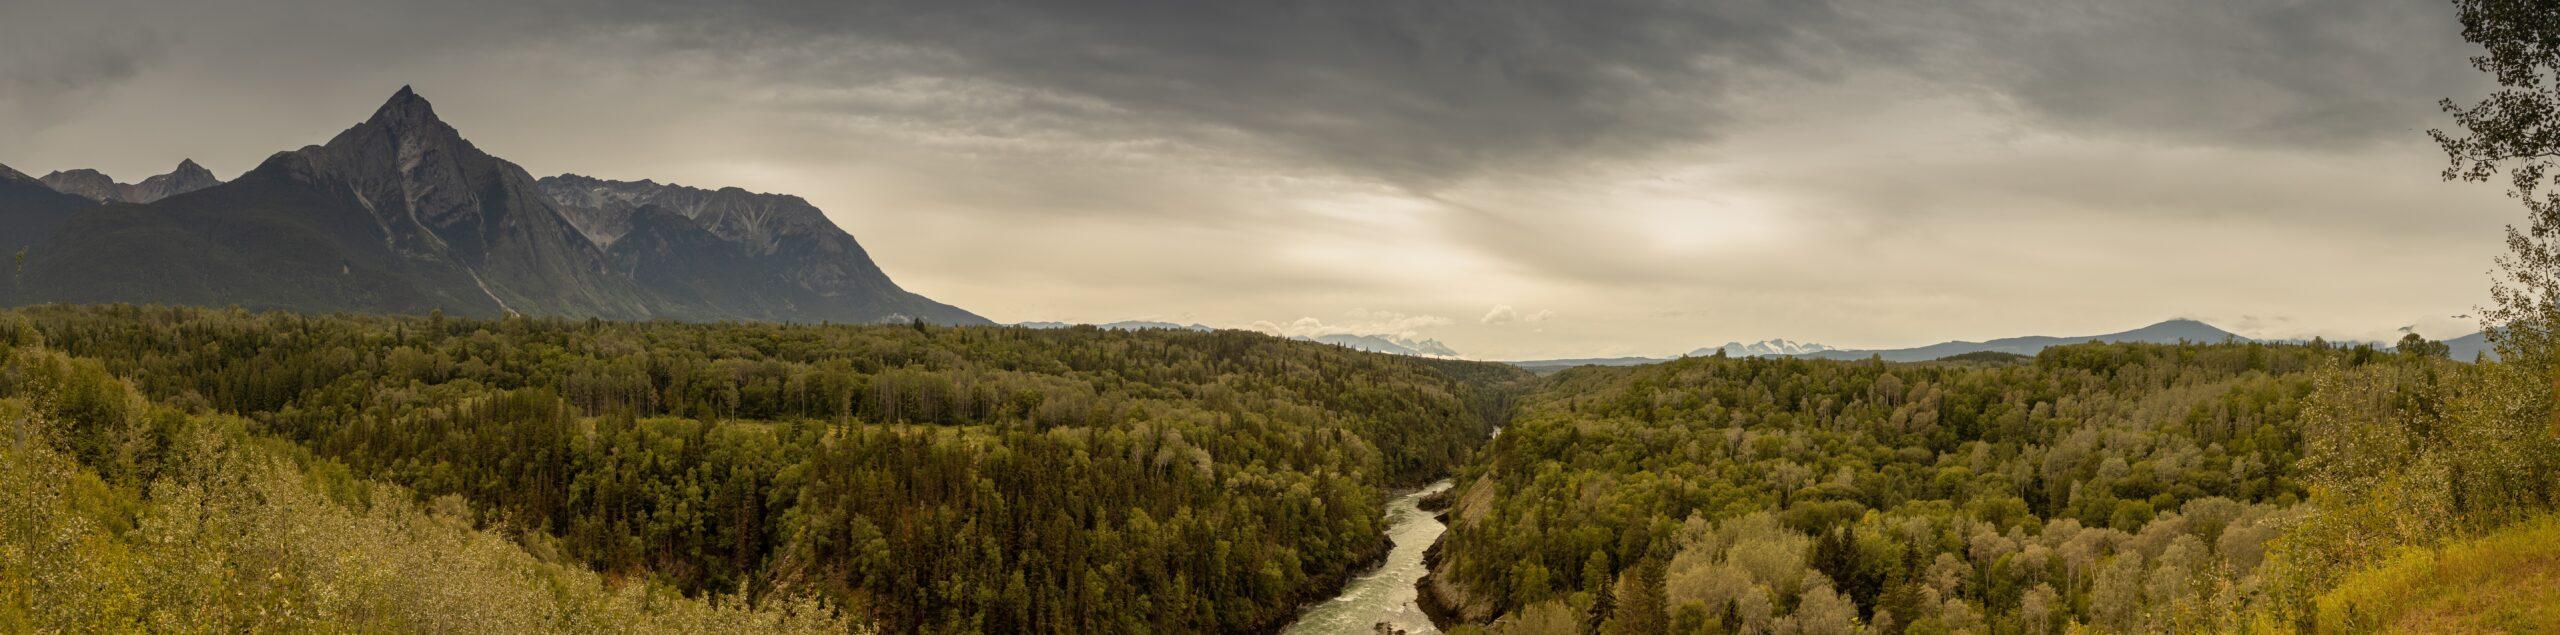 Страна реки мира, Британская Колумбия